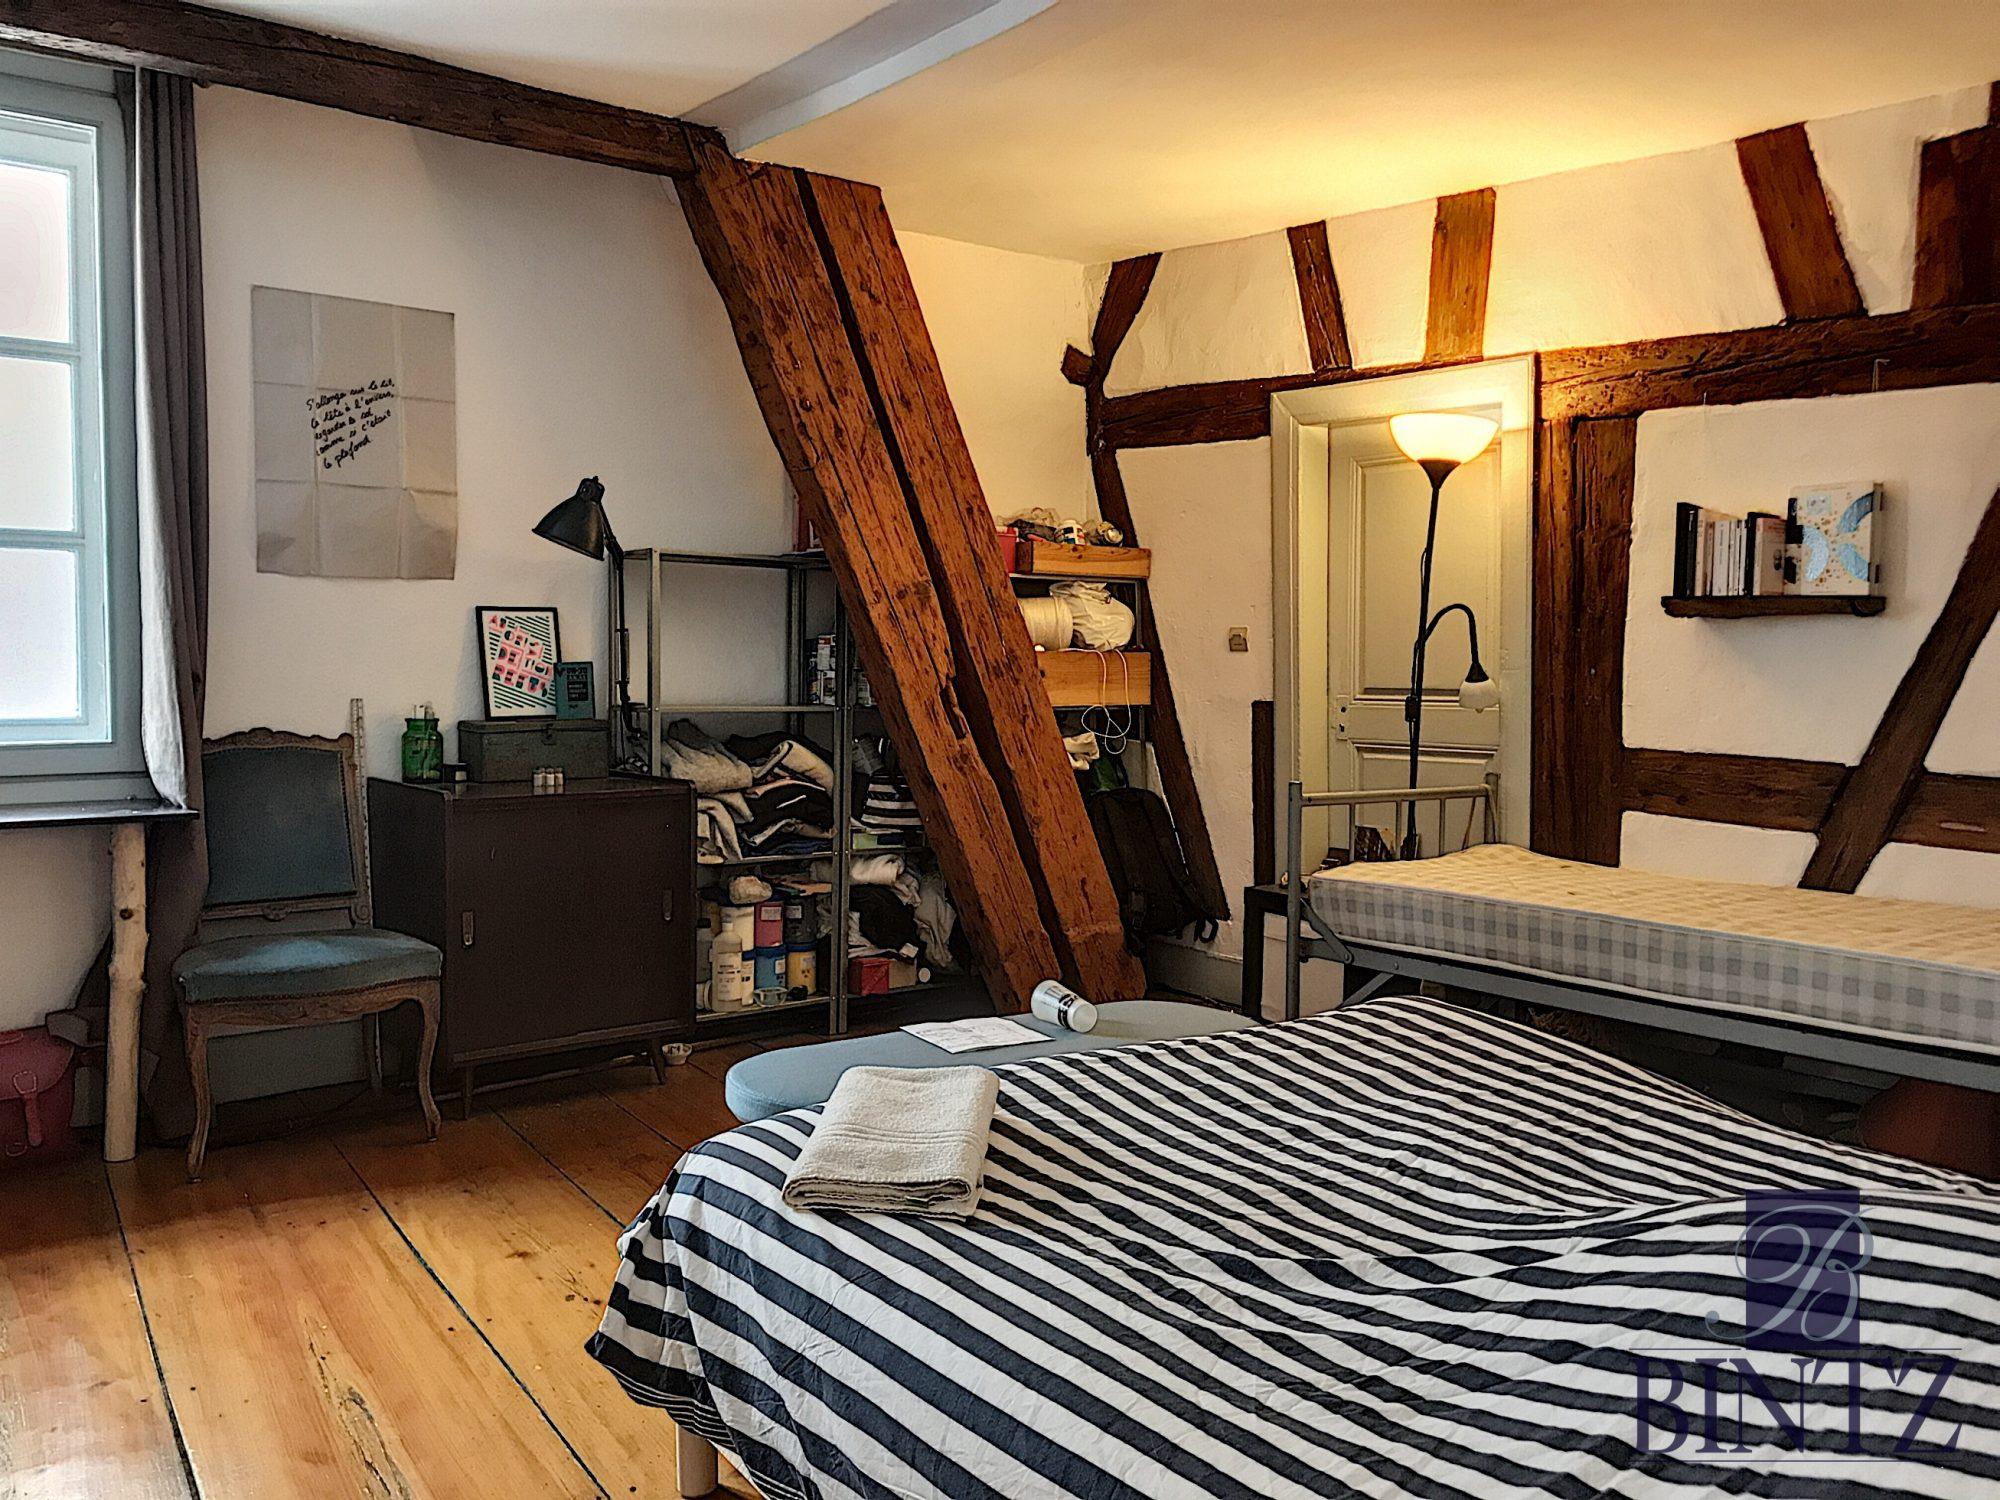 4 PIÈCES FACE À LA CATHÉDRALE - Devenez locataire en toute sérénité - Bintz Immobilier - 7